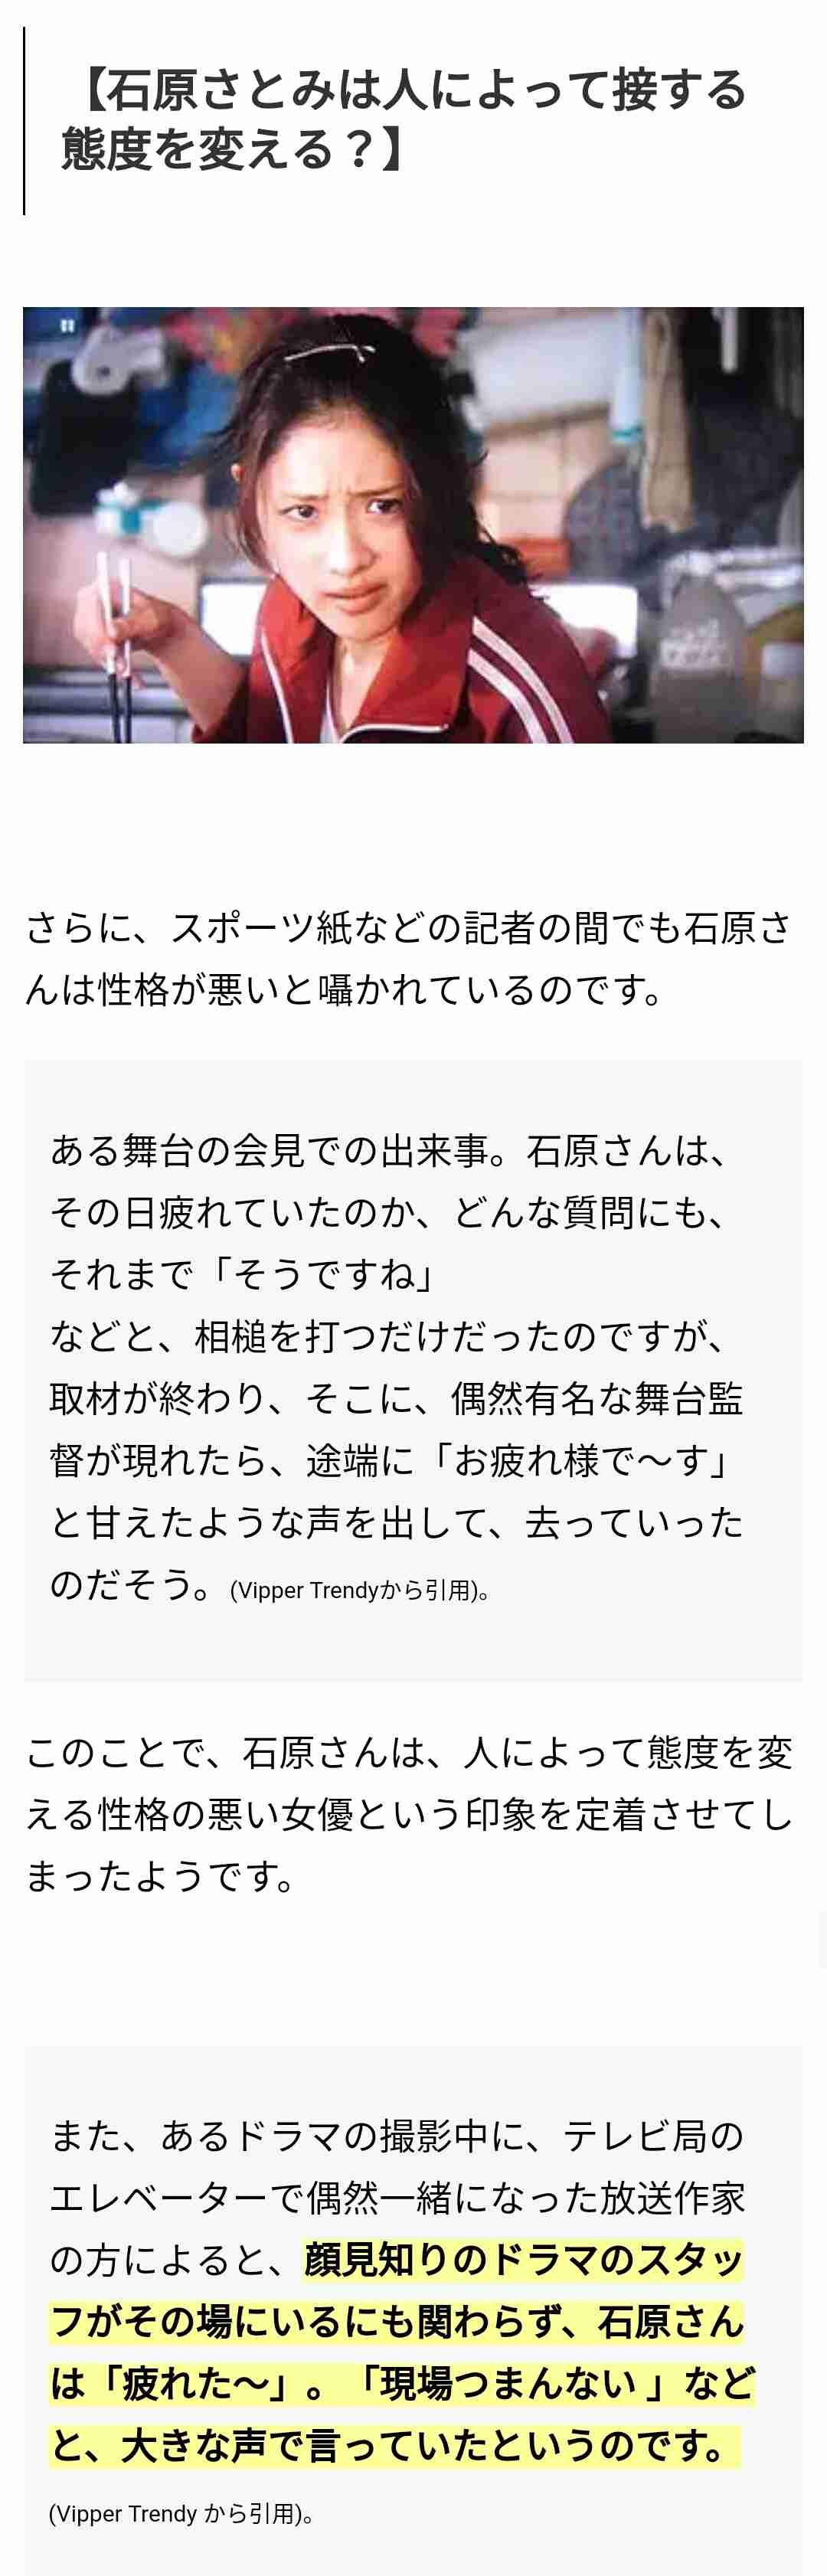 """石原さとみ""""10秒メイク""""にチャレンジ"""